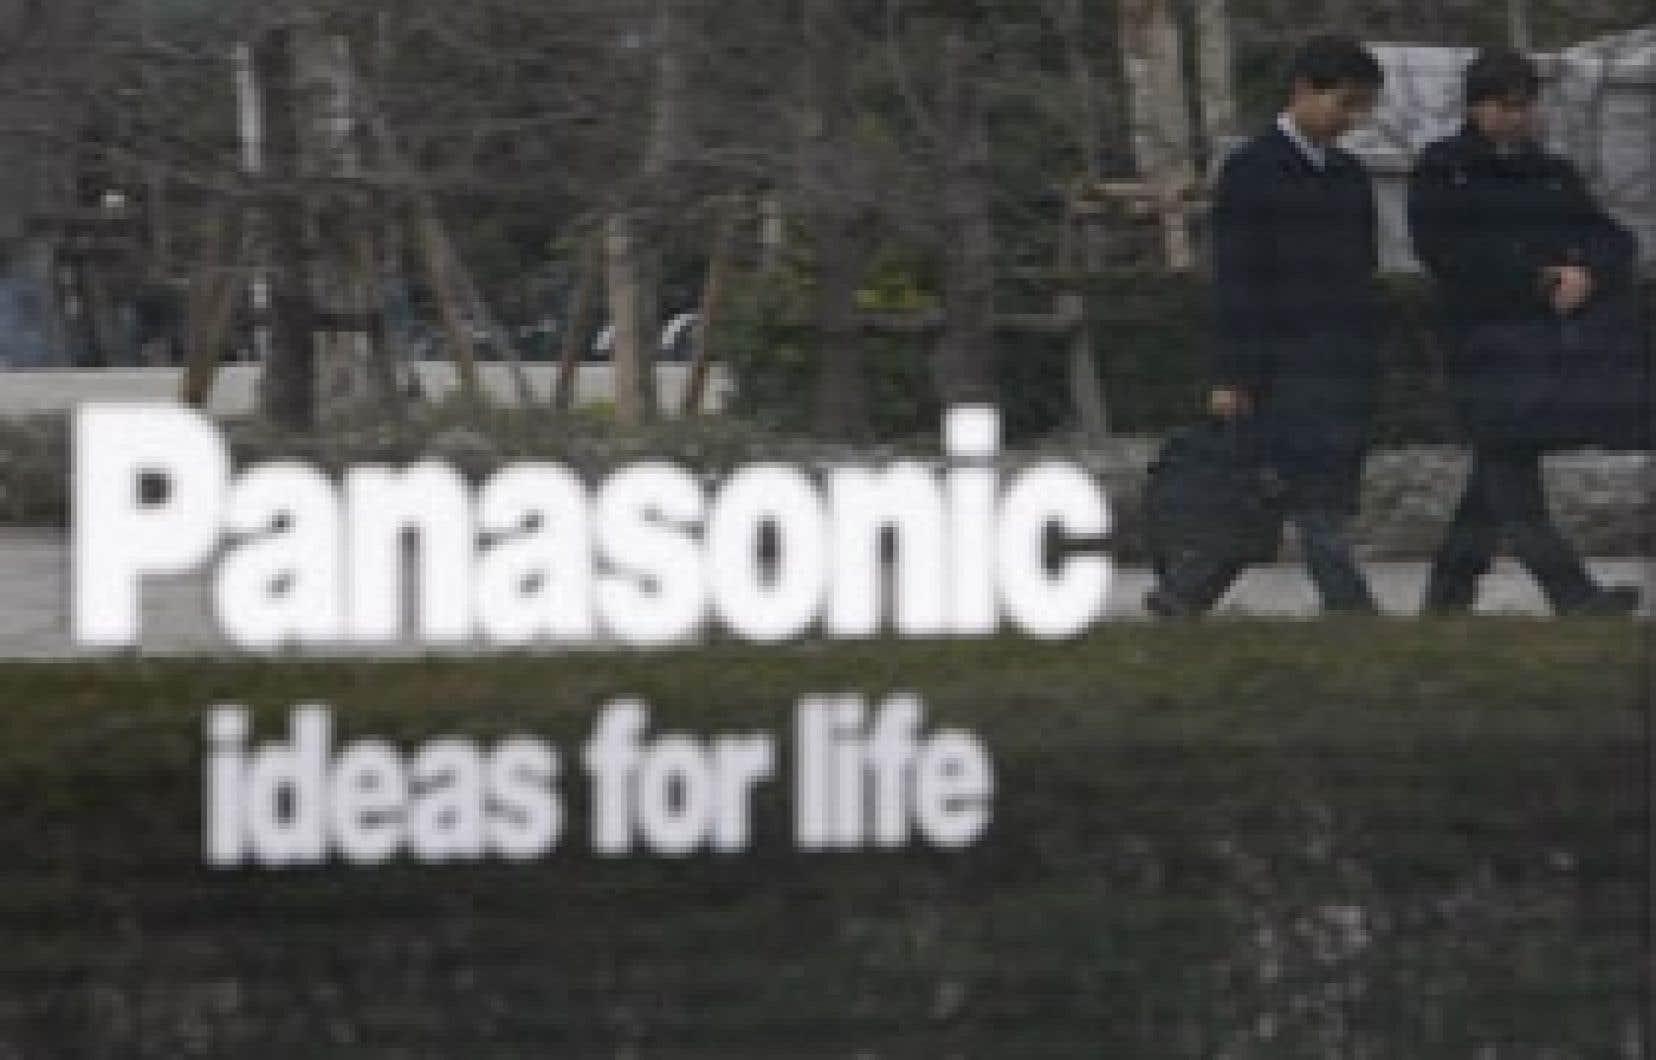 Le fabricant mondial de télévisions mettra la clé sous la porte de 13 usines au Japon.